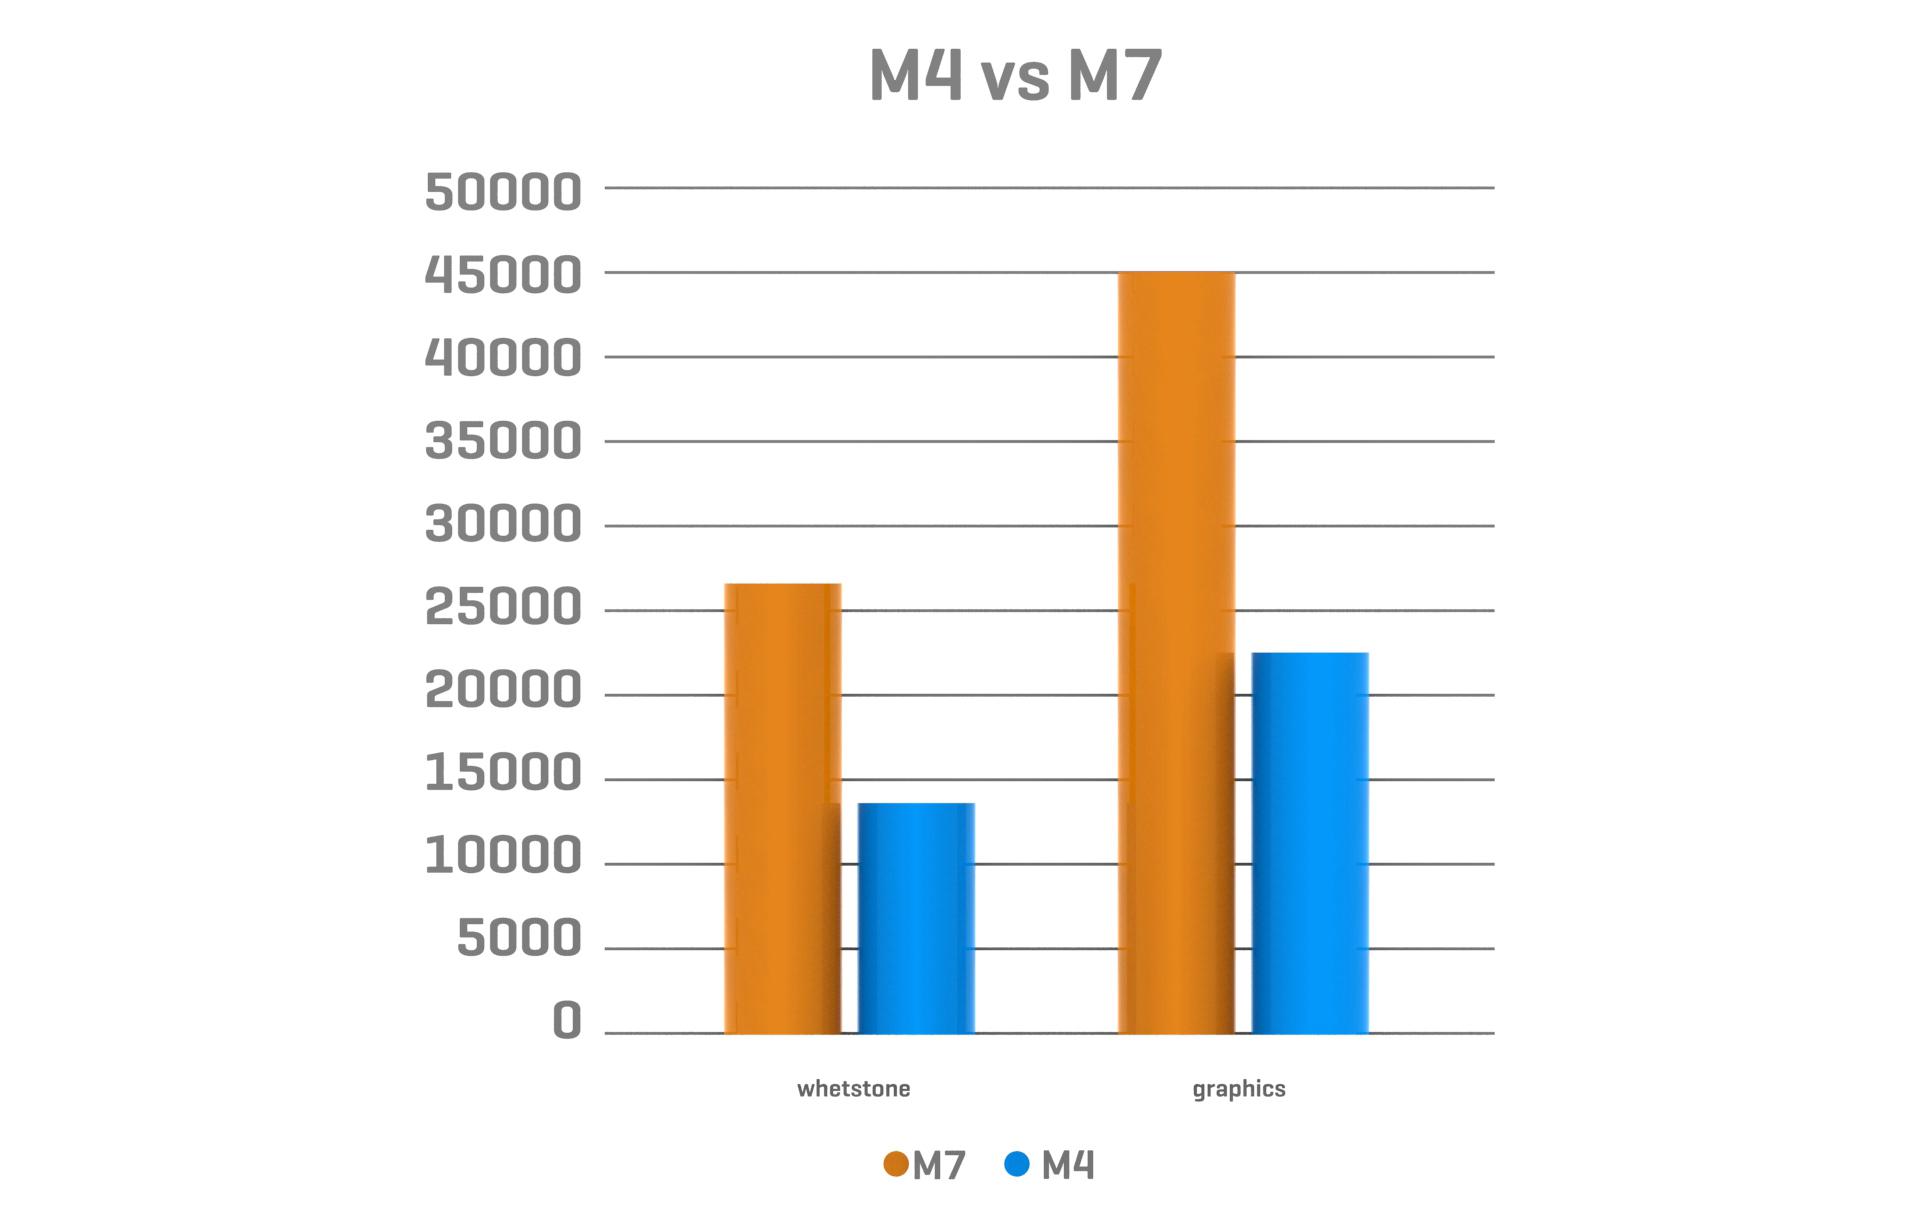 M4 vs M7